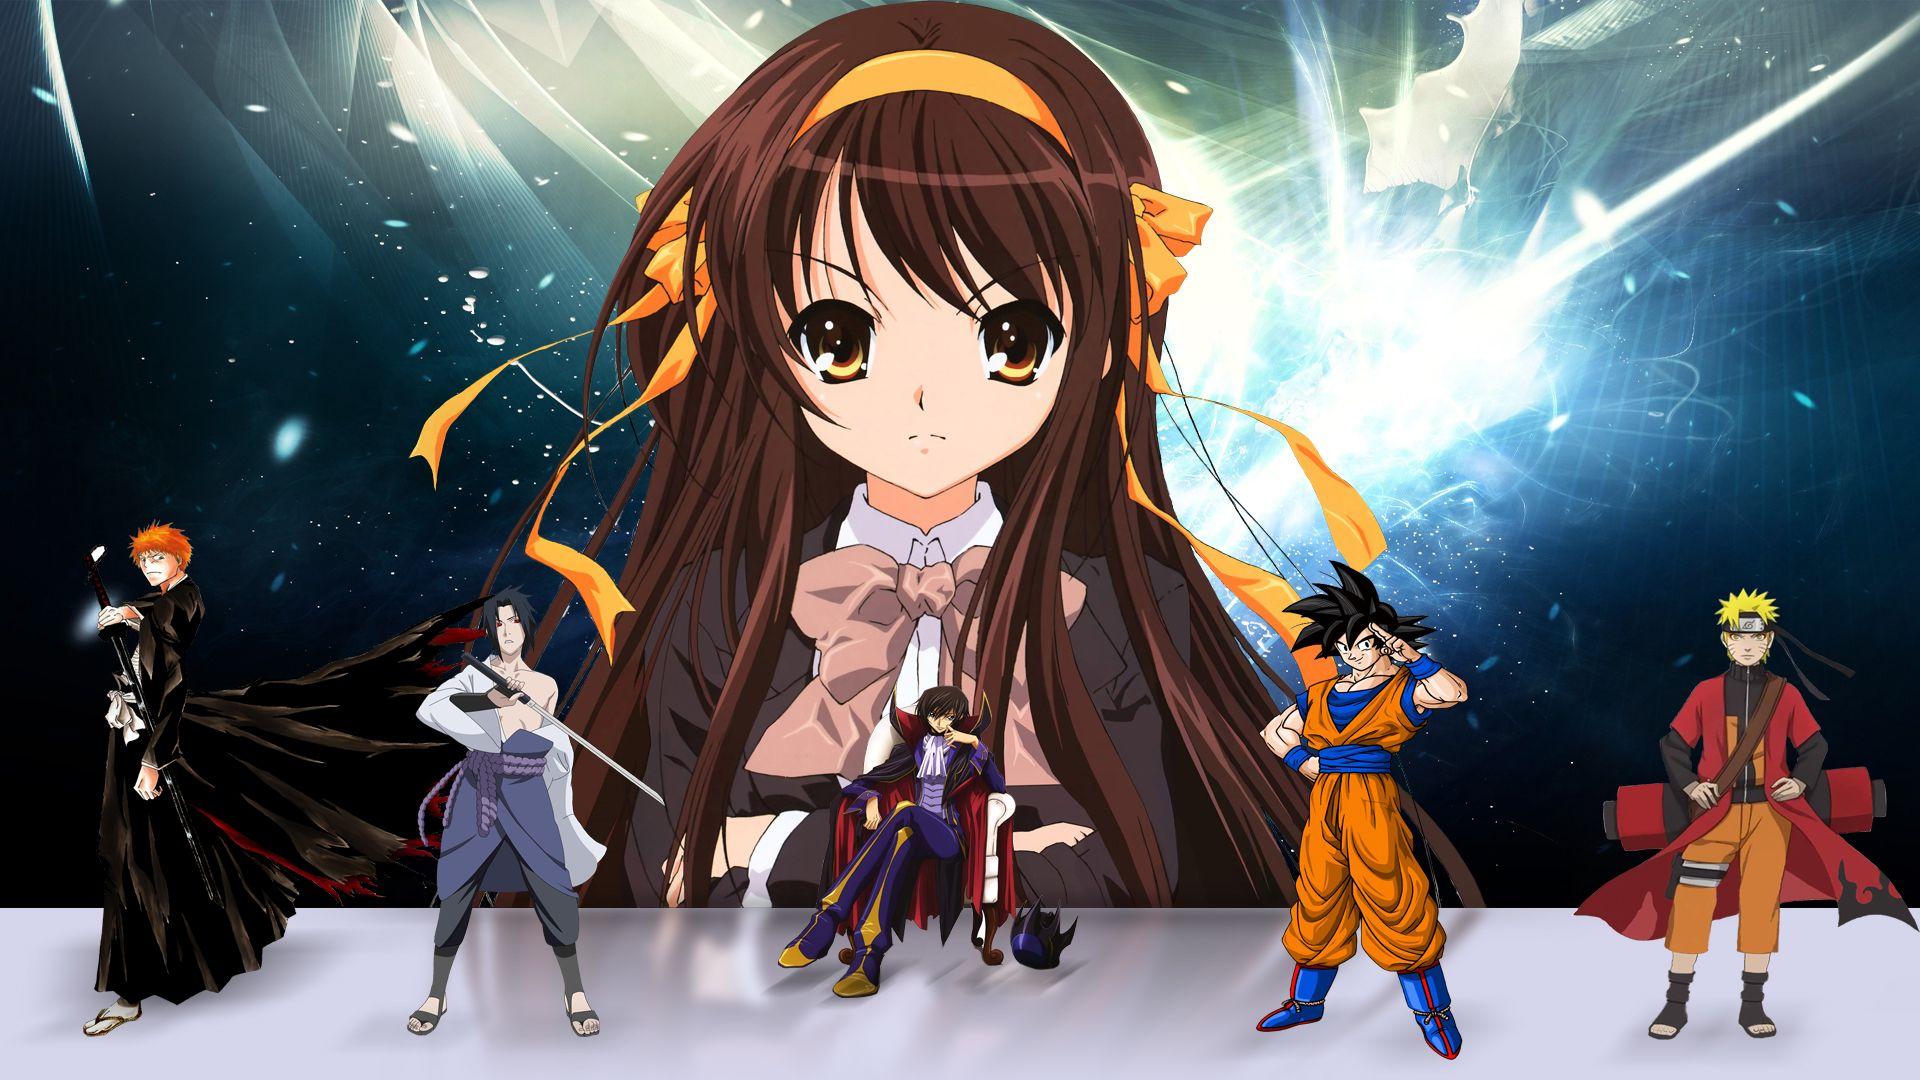 AMRU! Anime Manga Rescue Unit! Anime orang Pinterest